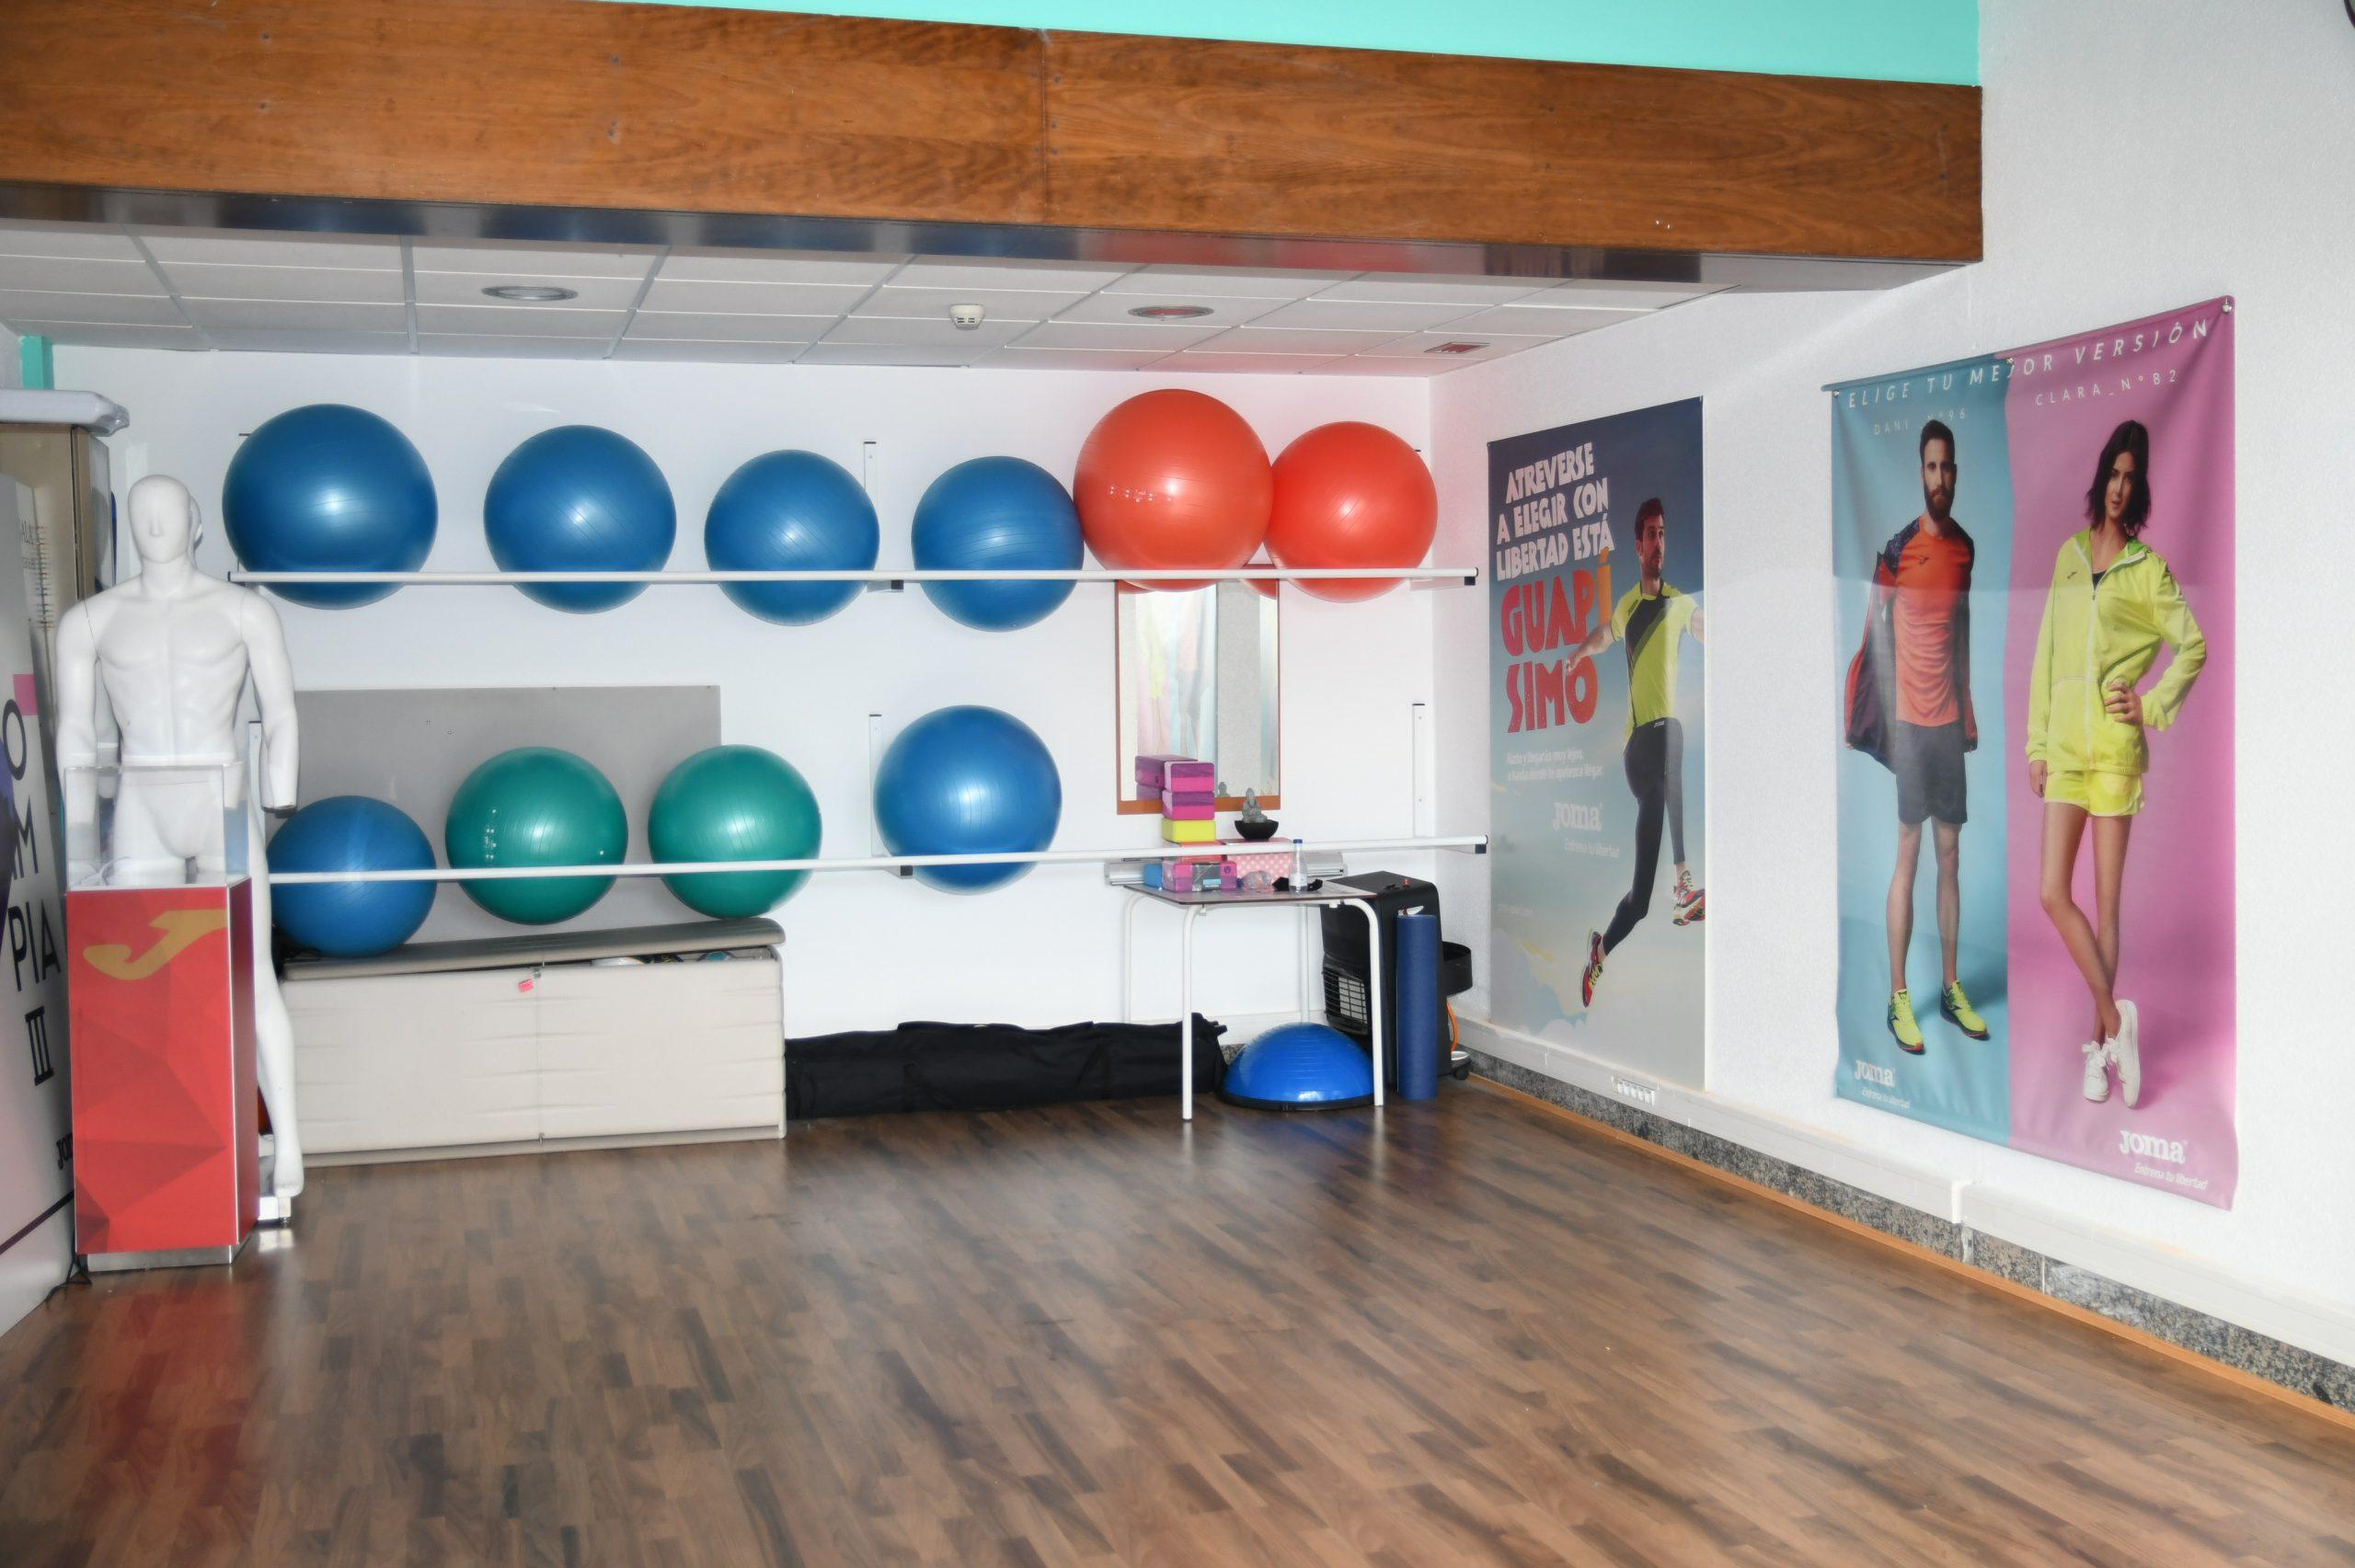 instalaciones de pilates y yoga